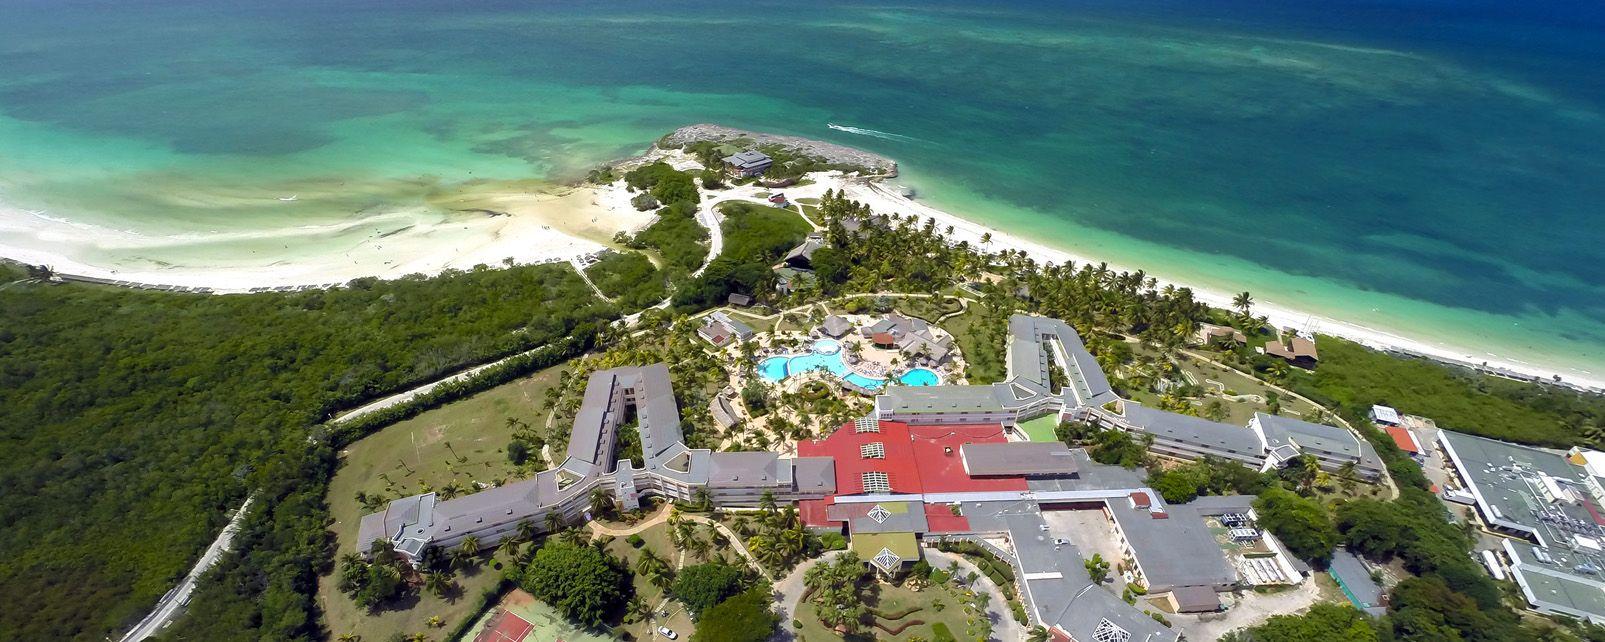 Hotel Sol Club Cayo Coco